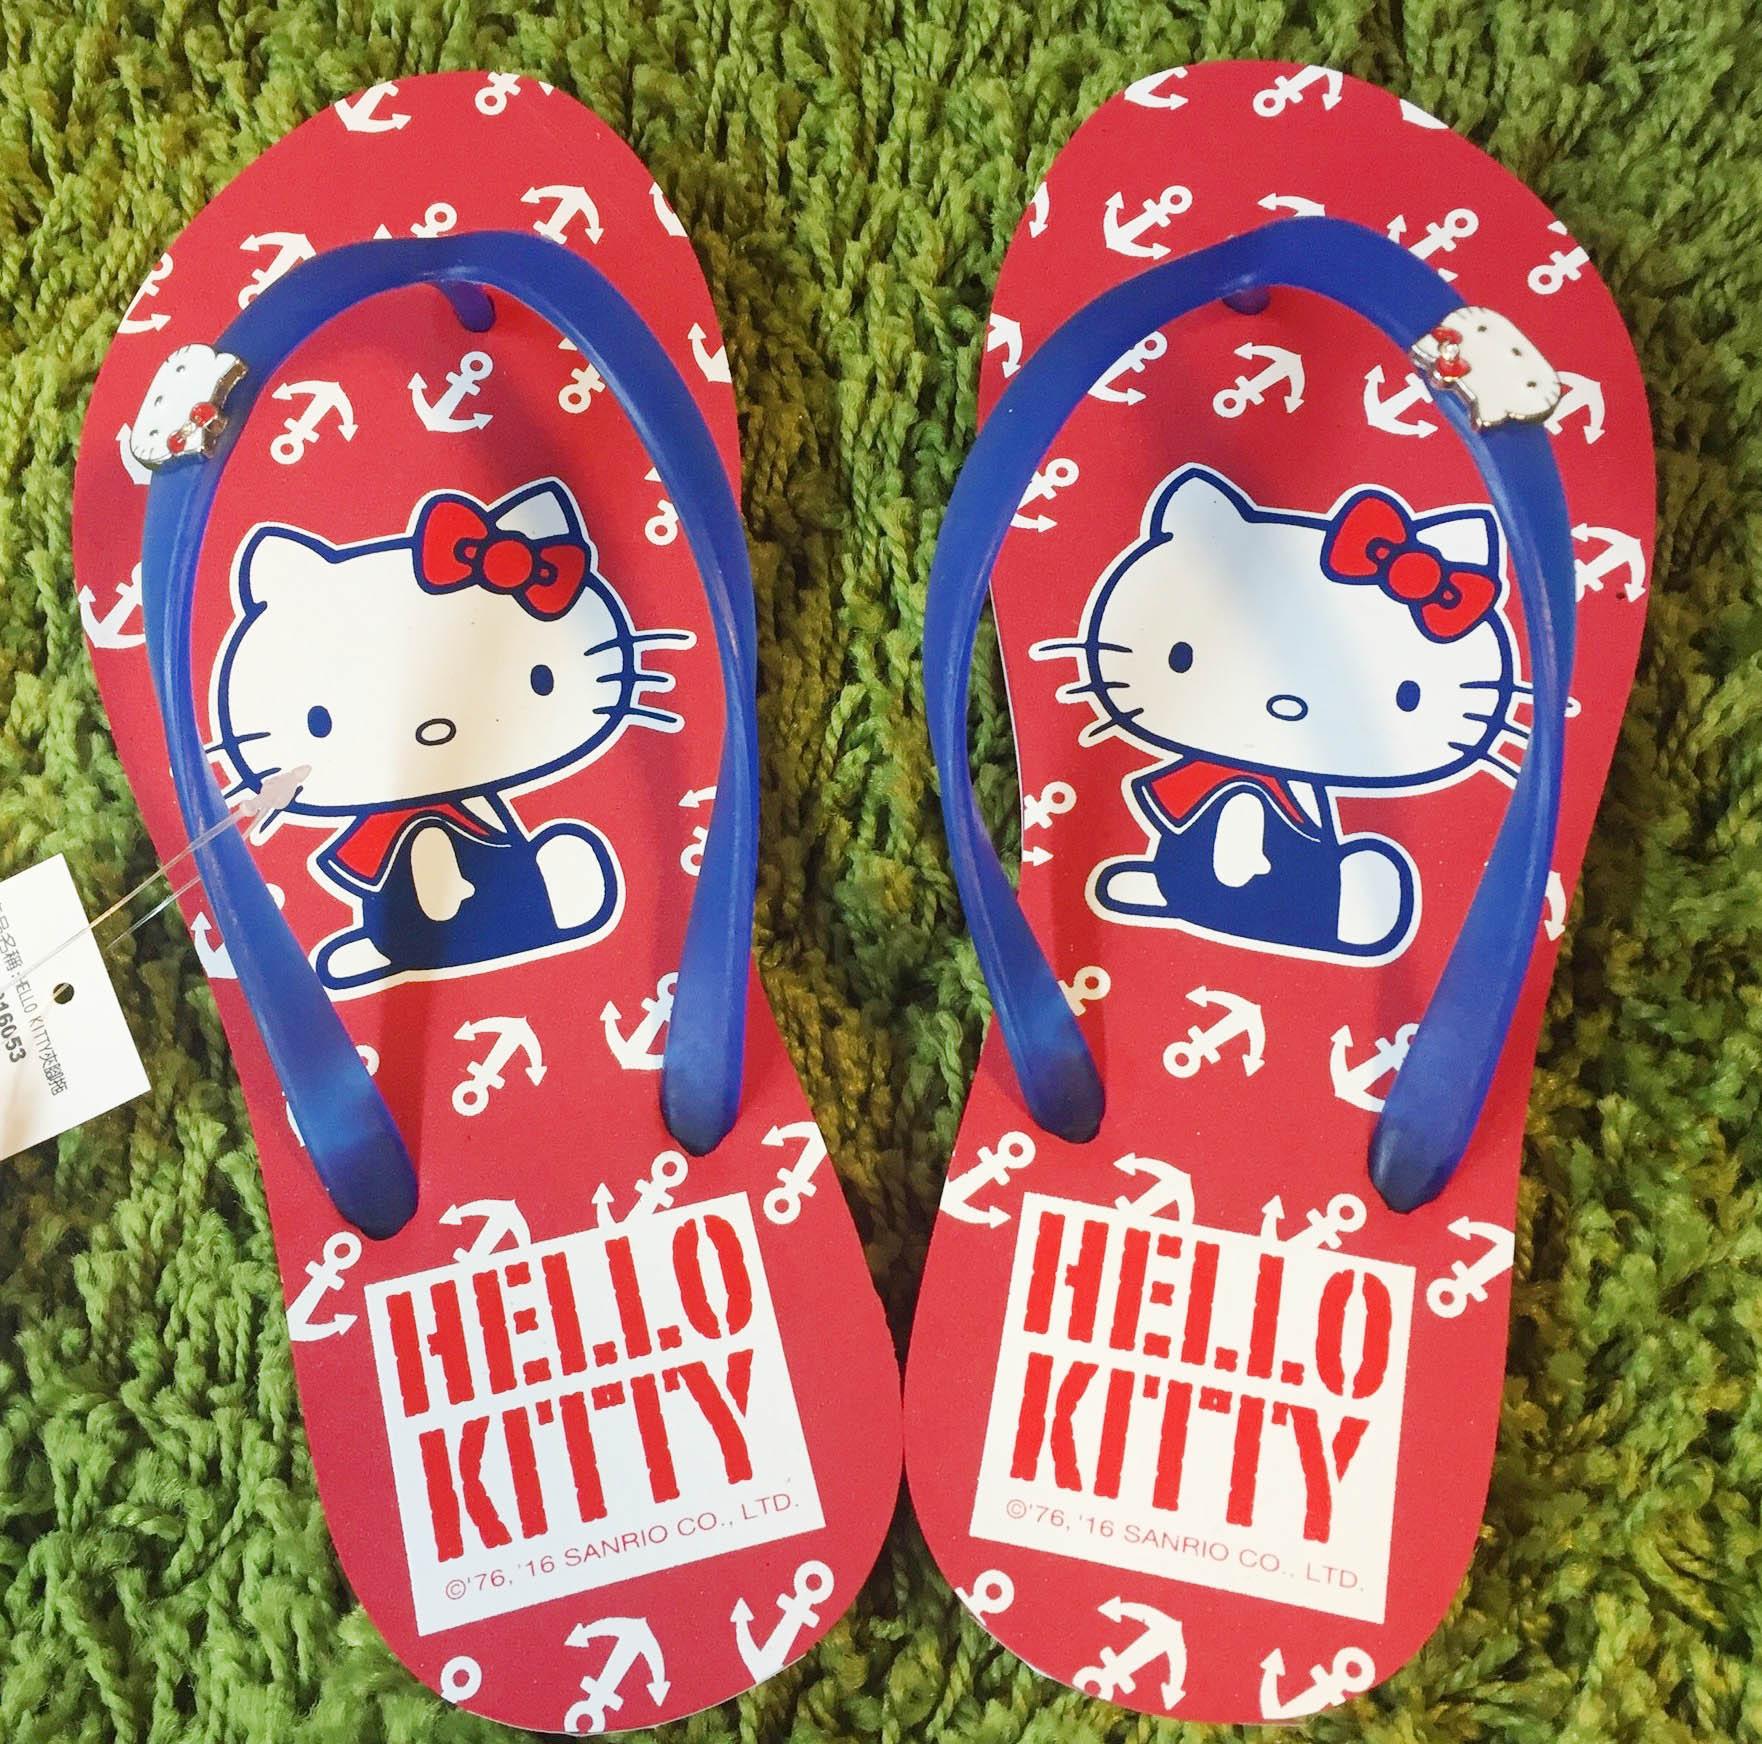 【真愛日本】夾腳拖916053-藍 36~40 三麗鷗 Hello Kitty 凱蒂貓 居家 拖鞋 正品 限量 預購